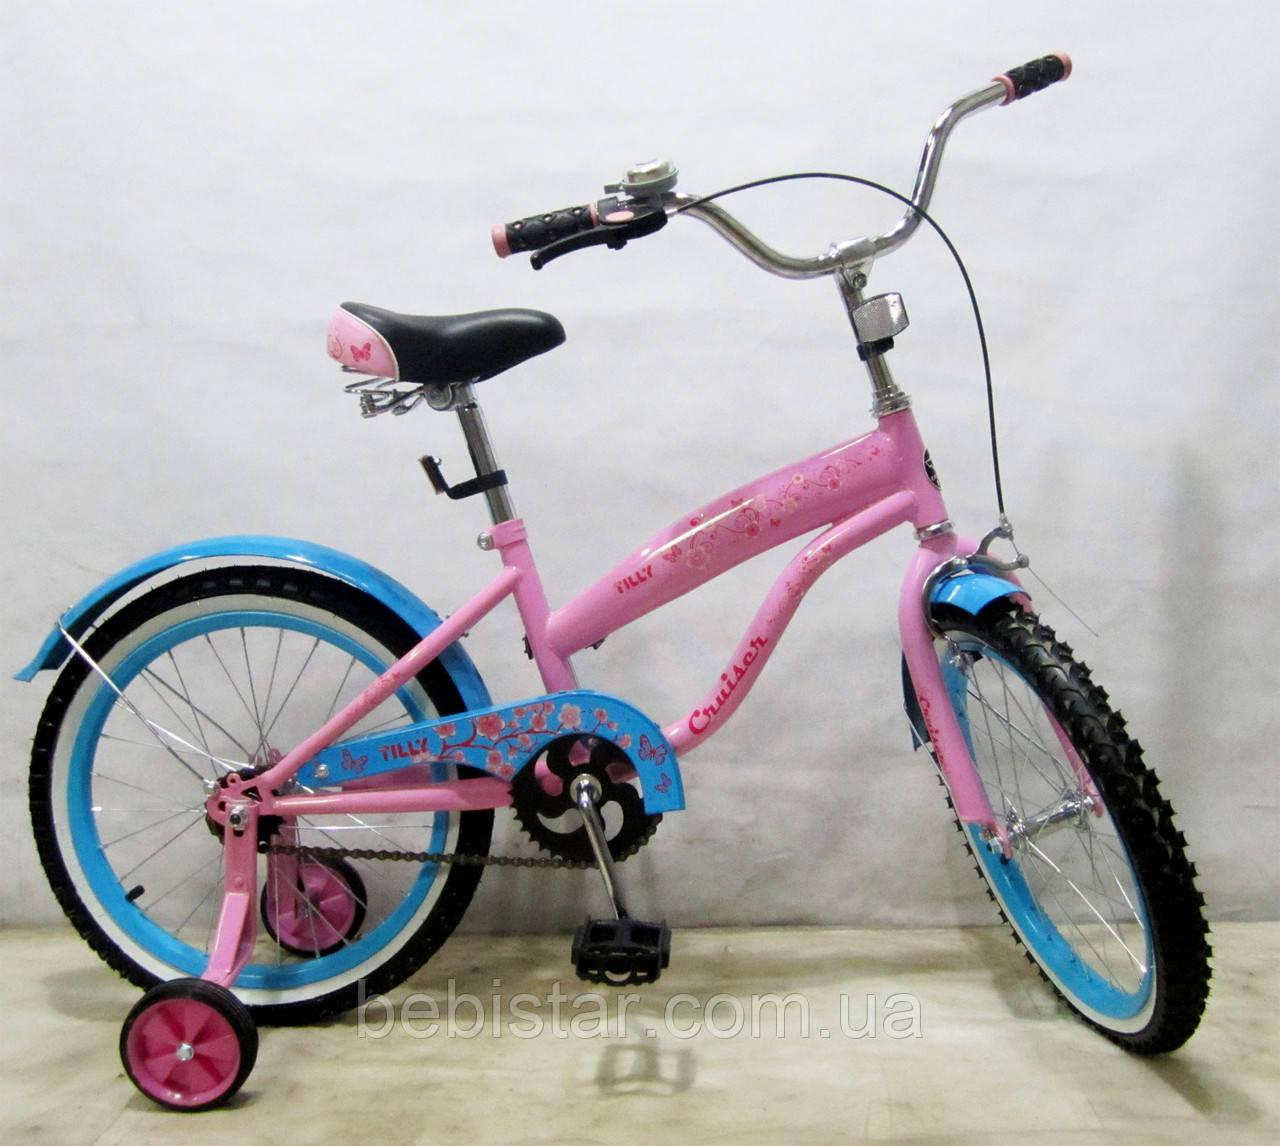 """Дитячий двоколісний велосипед TILLY 18"""" T-21831 для дітей 5-7 років, рожевий"""